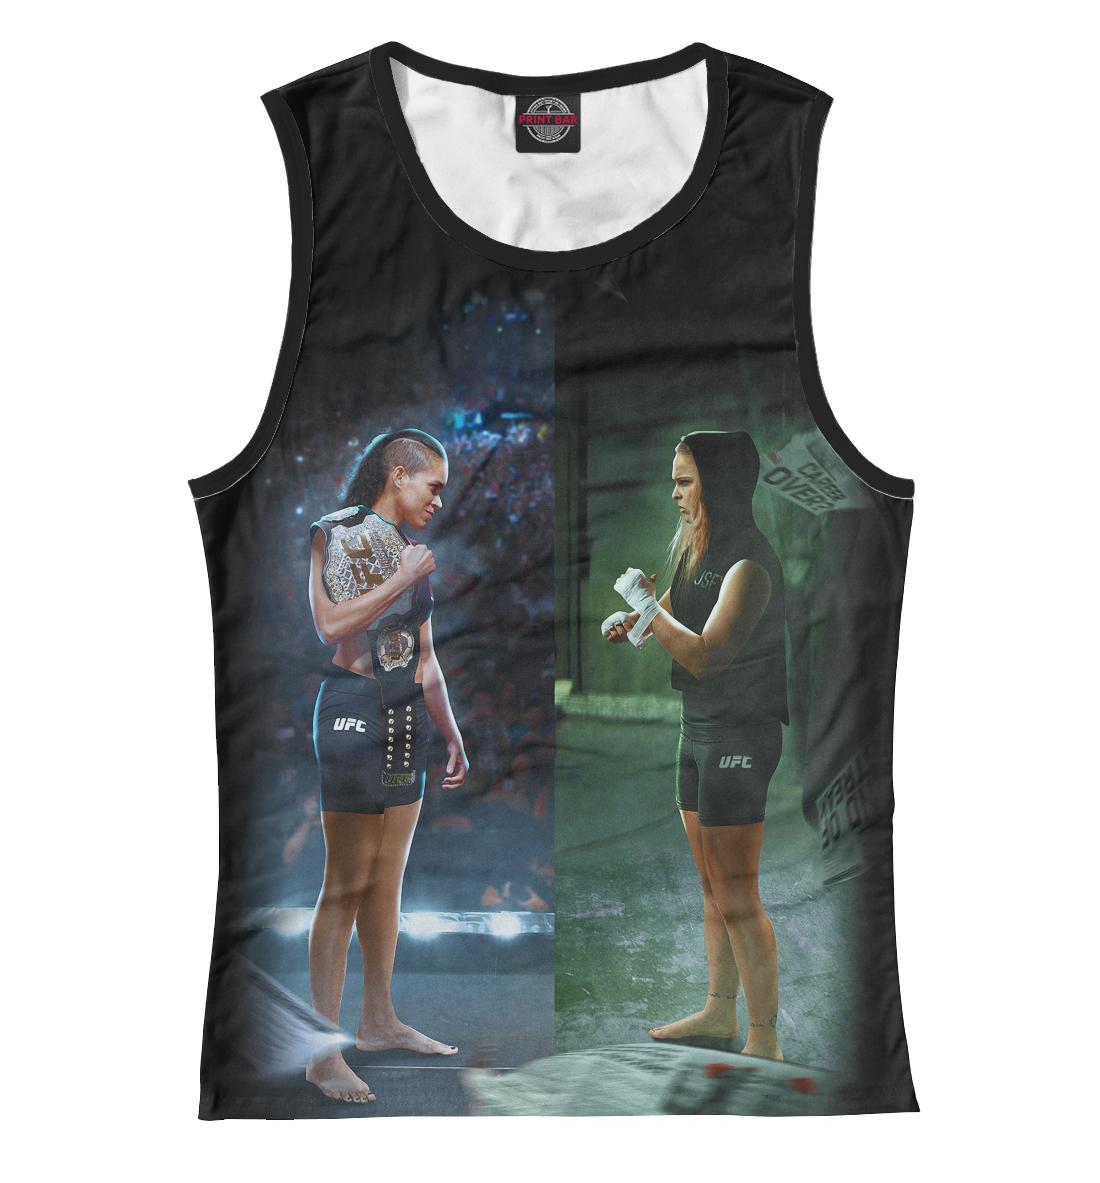 Купить Ronda Rousey vs Amanda Nunes, Printbar, Майки, RWS-977405-may-1